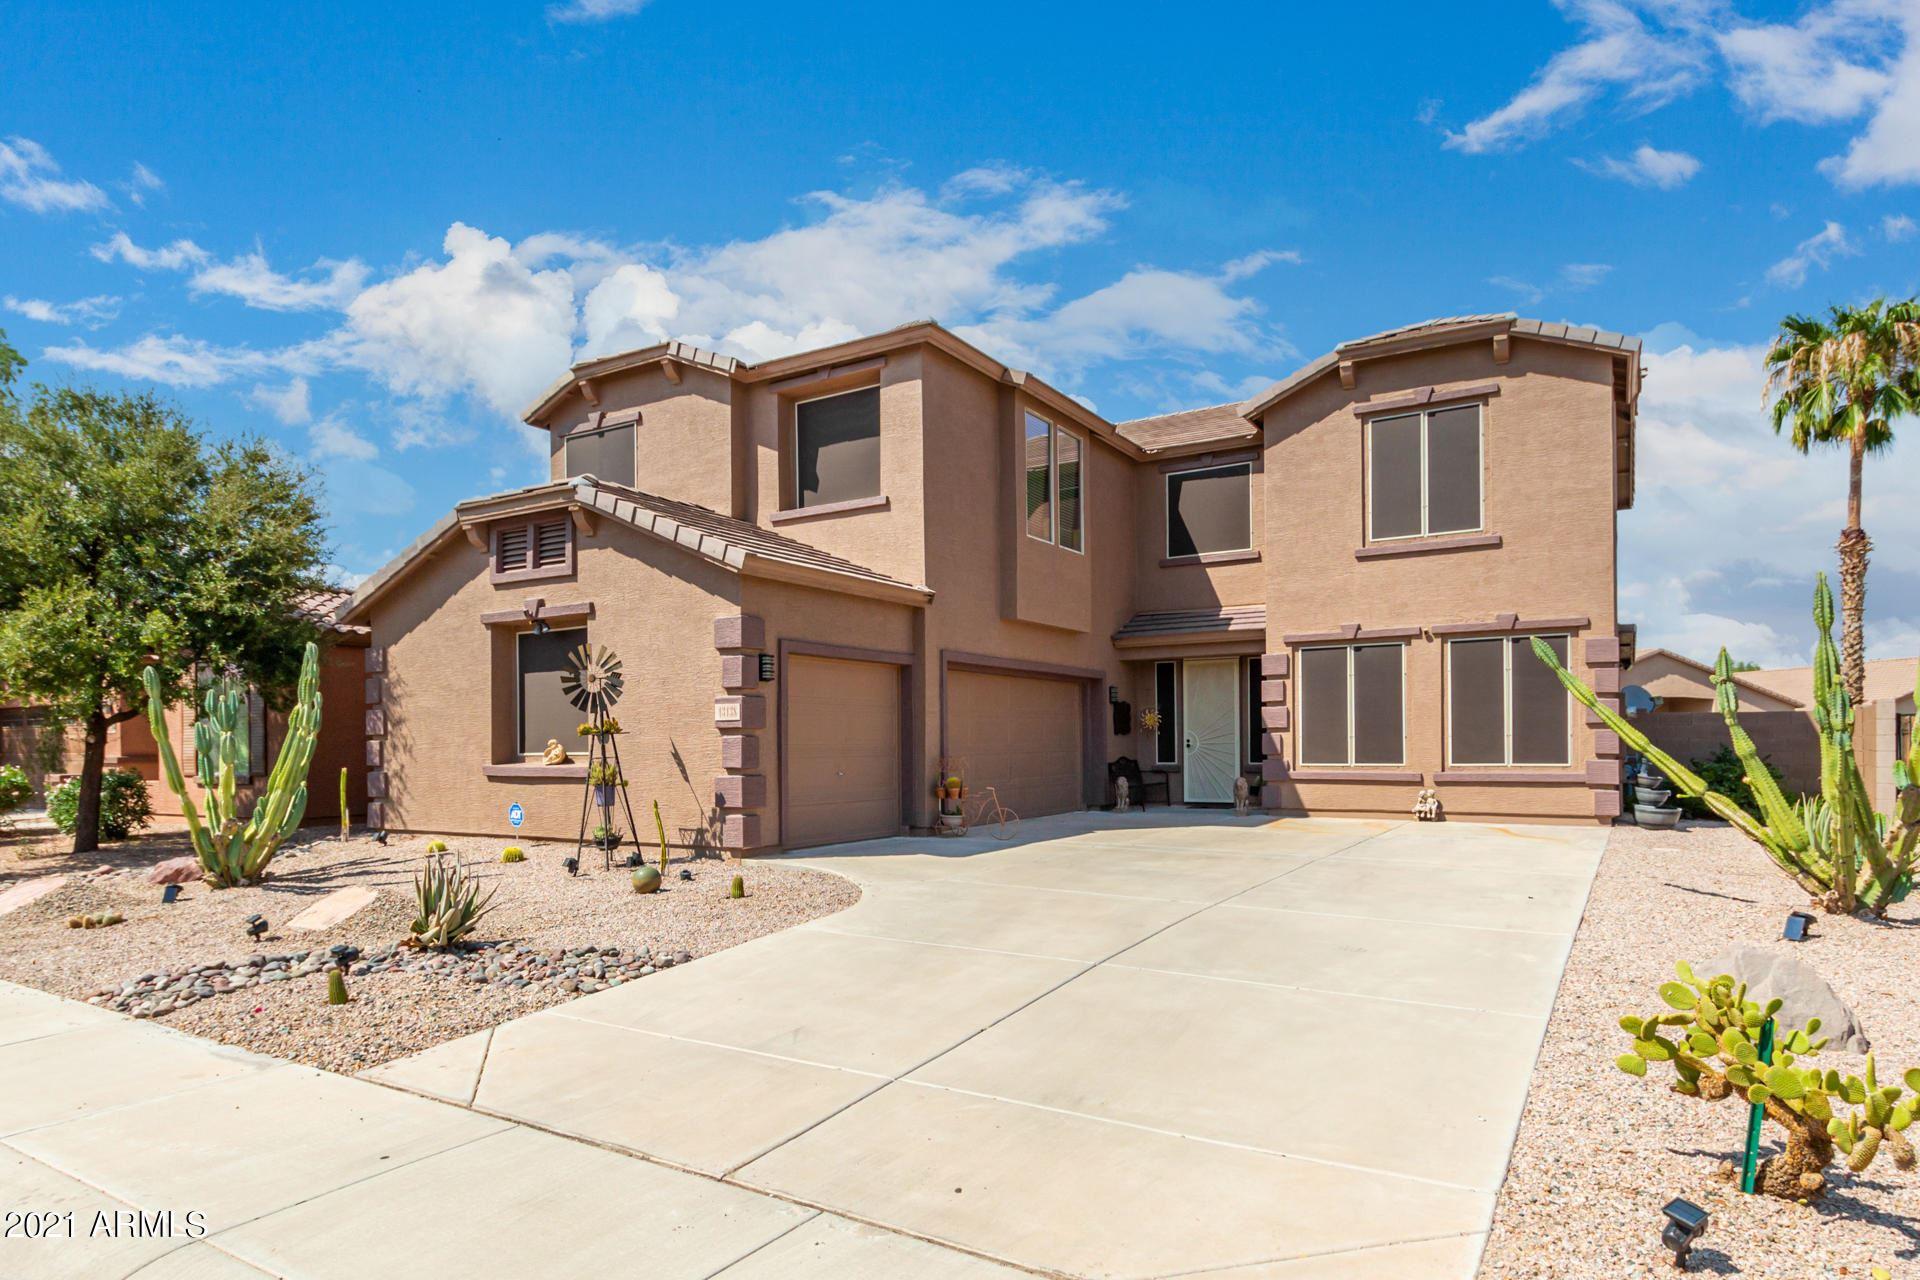 Photo for 43438 W SANSOM Drive, Maricopa, AZ 85138 (MLS # 6282546)